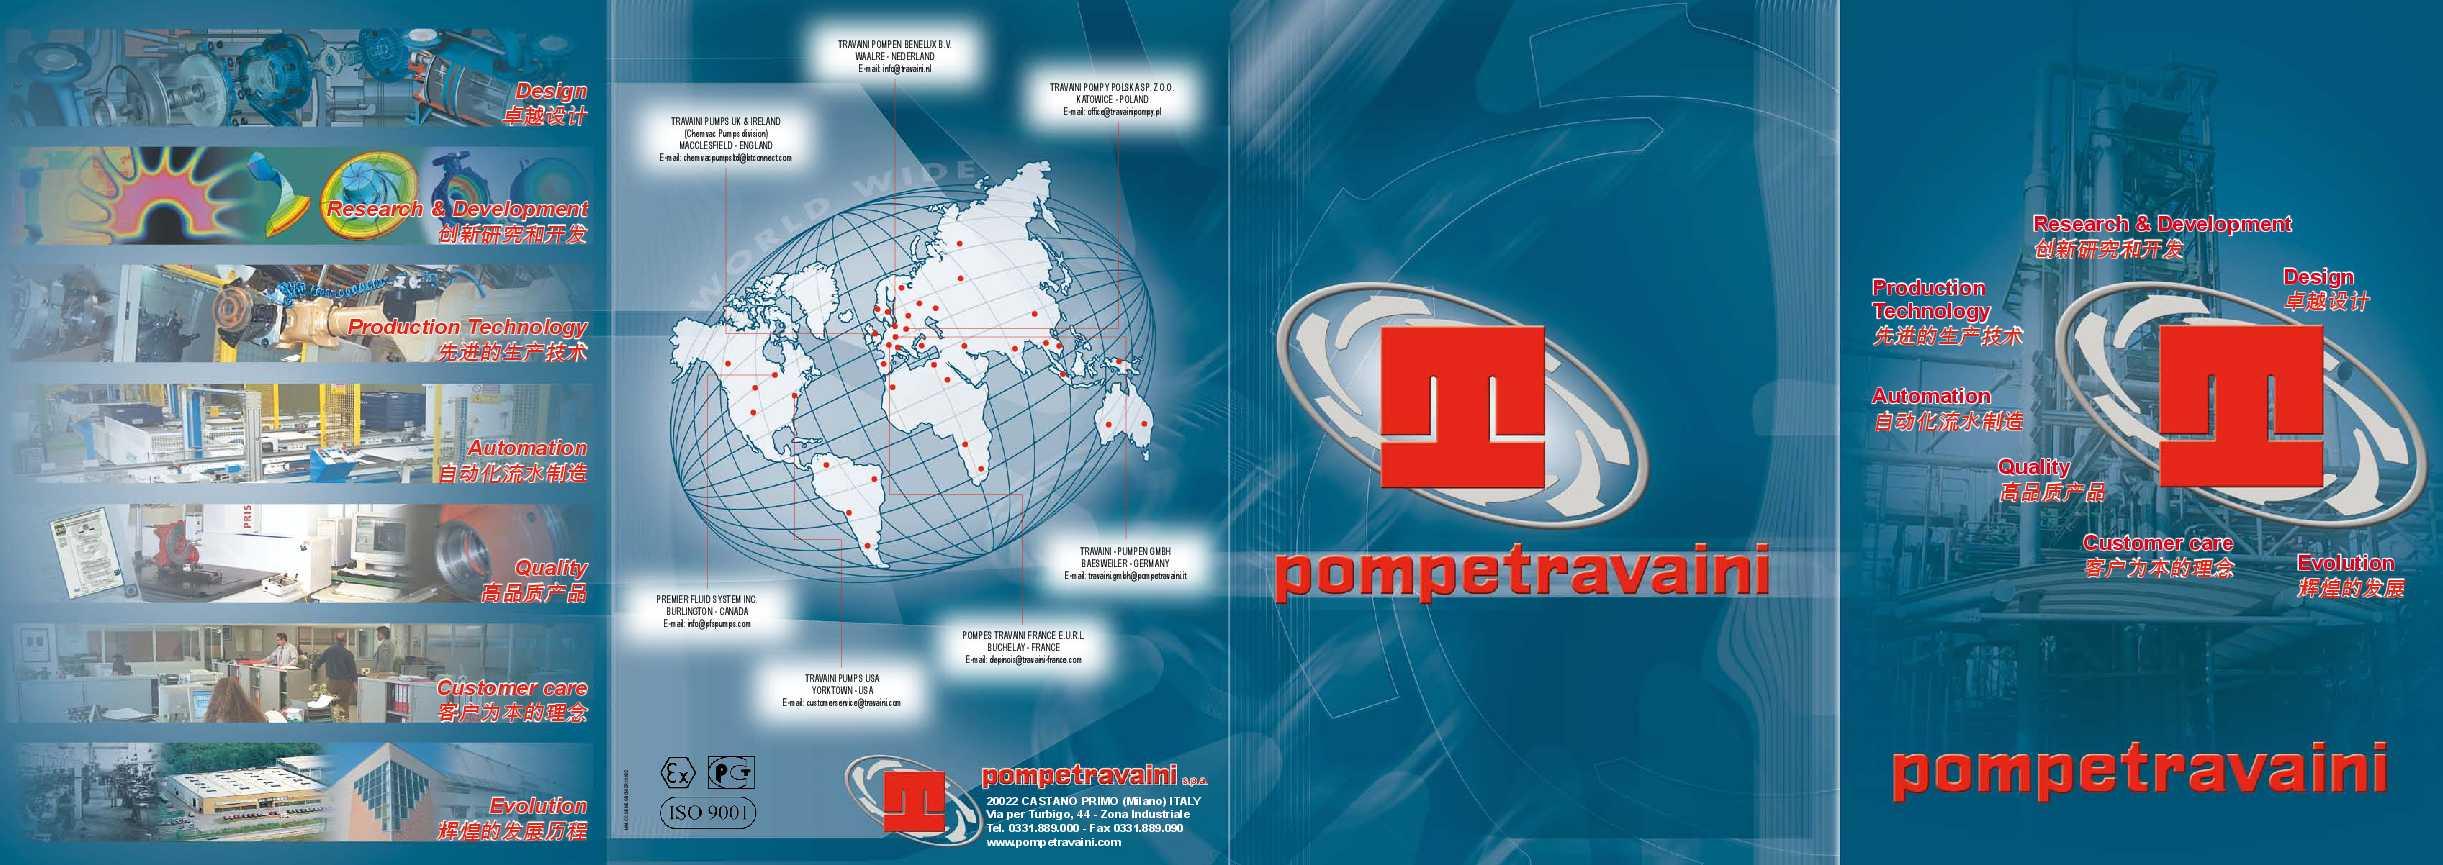 Pompetravaini Catalogue